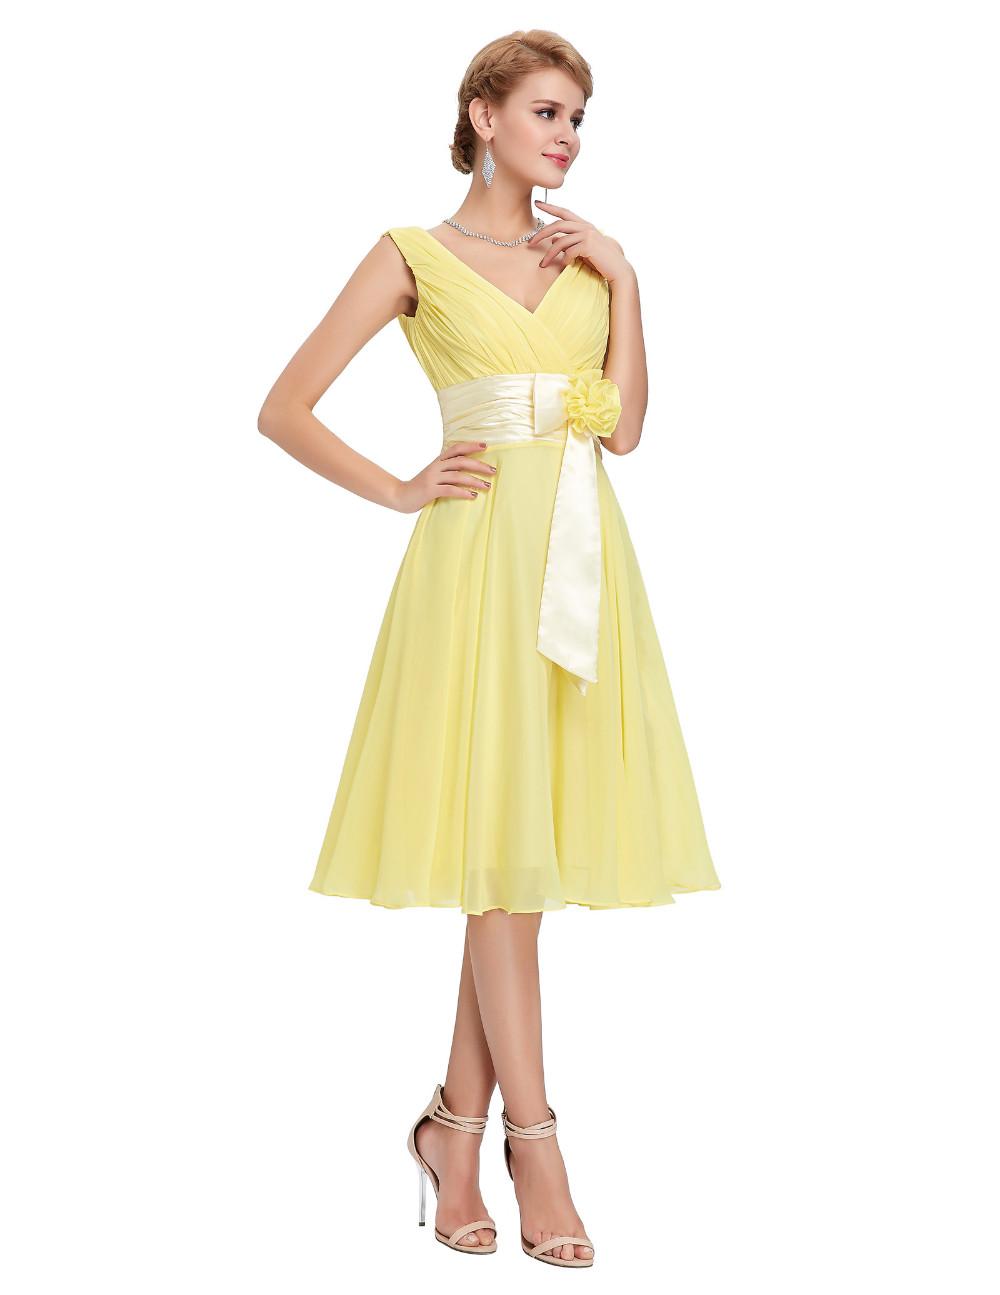 HTB1IswaMVXXXXXDXXXXq6xXFXXXVKnee Length Short Chiffon Blue Dress